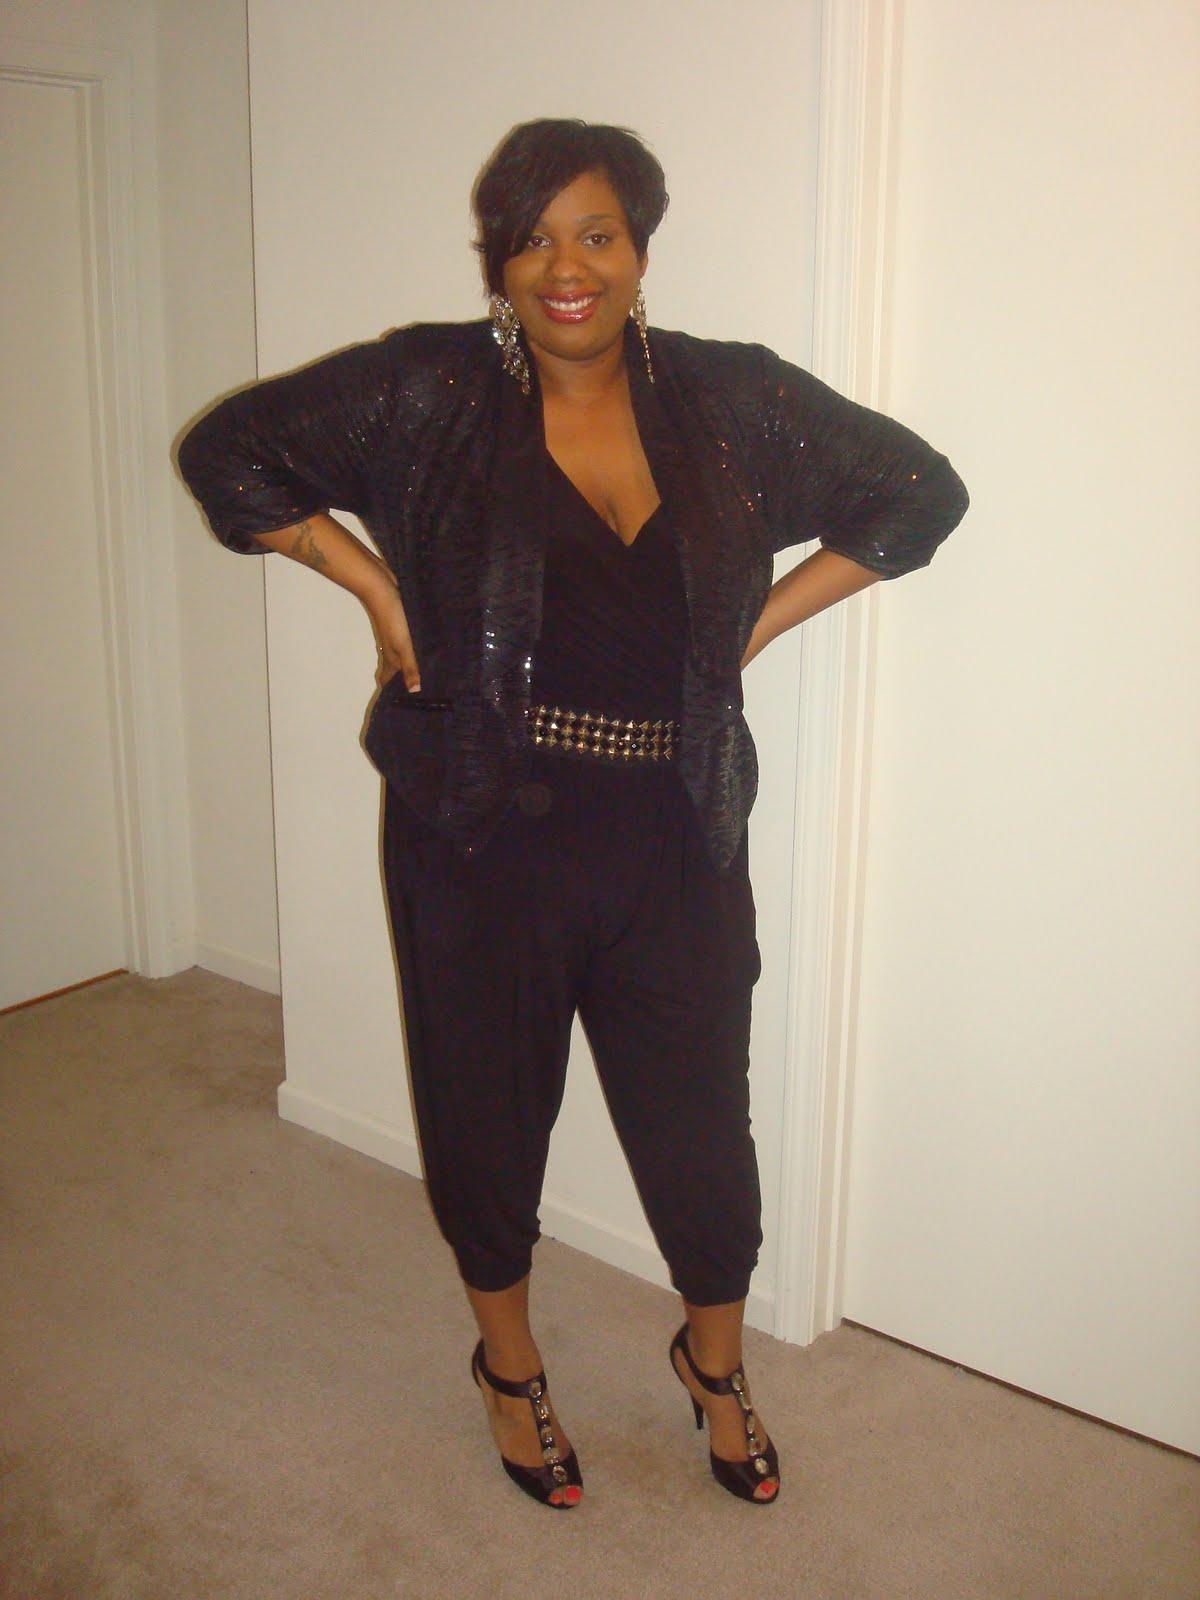 Gibson Chic All Black Affair